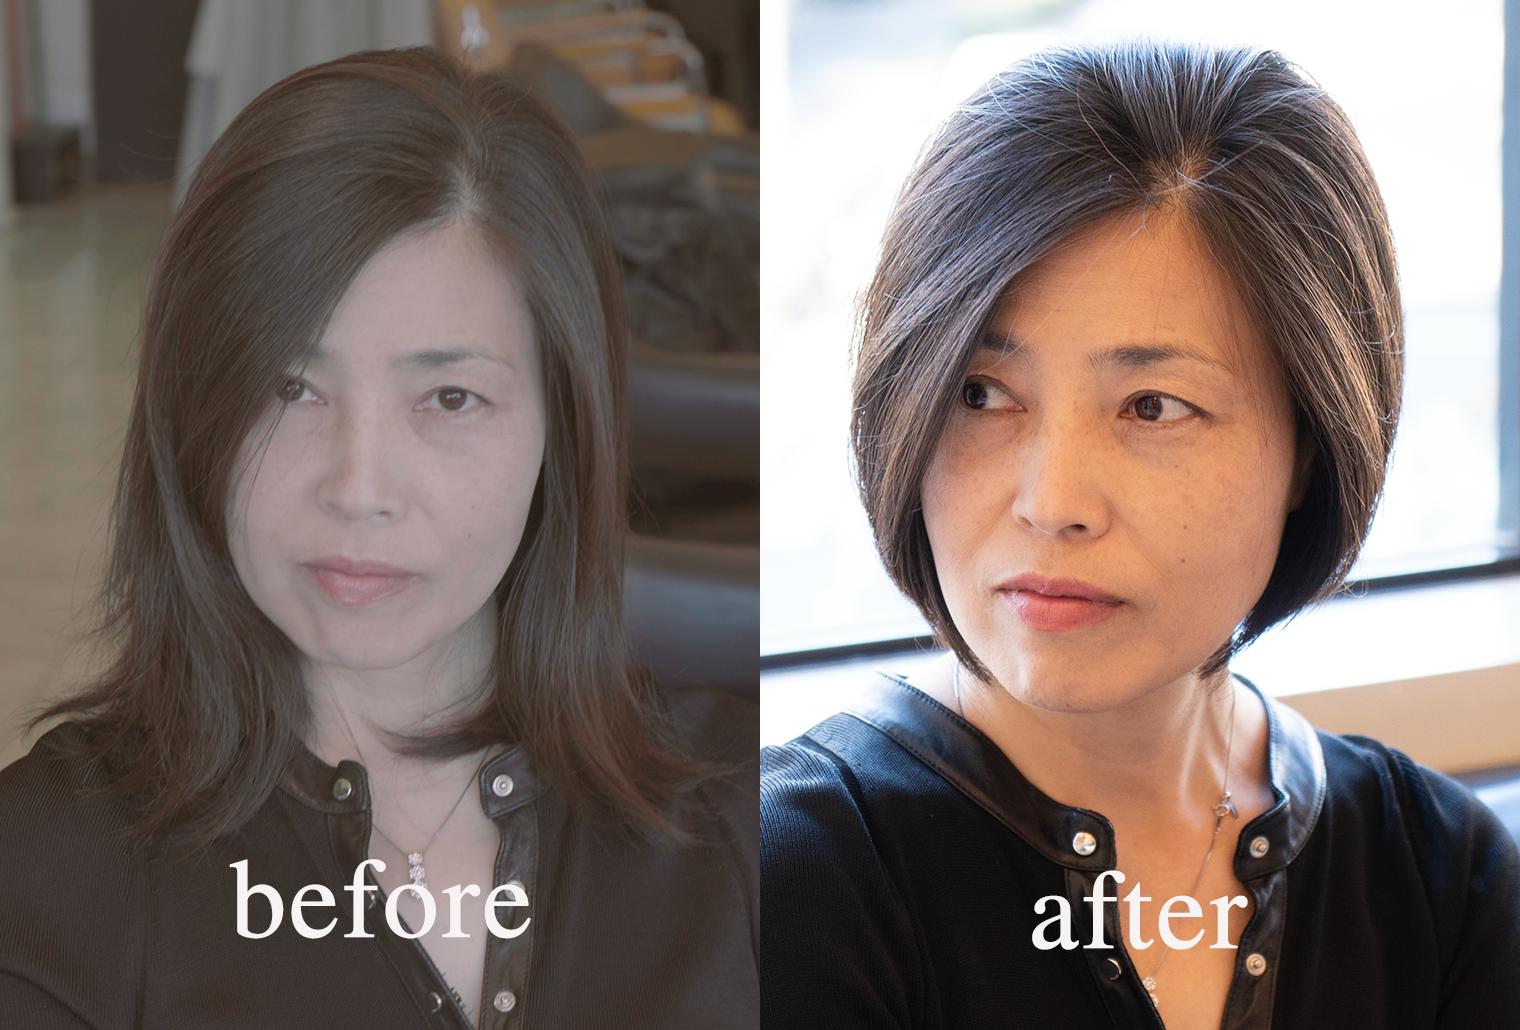 40代髪型前下がりのグラデーションボブビフォアアフター動画